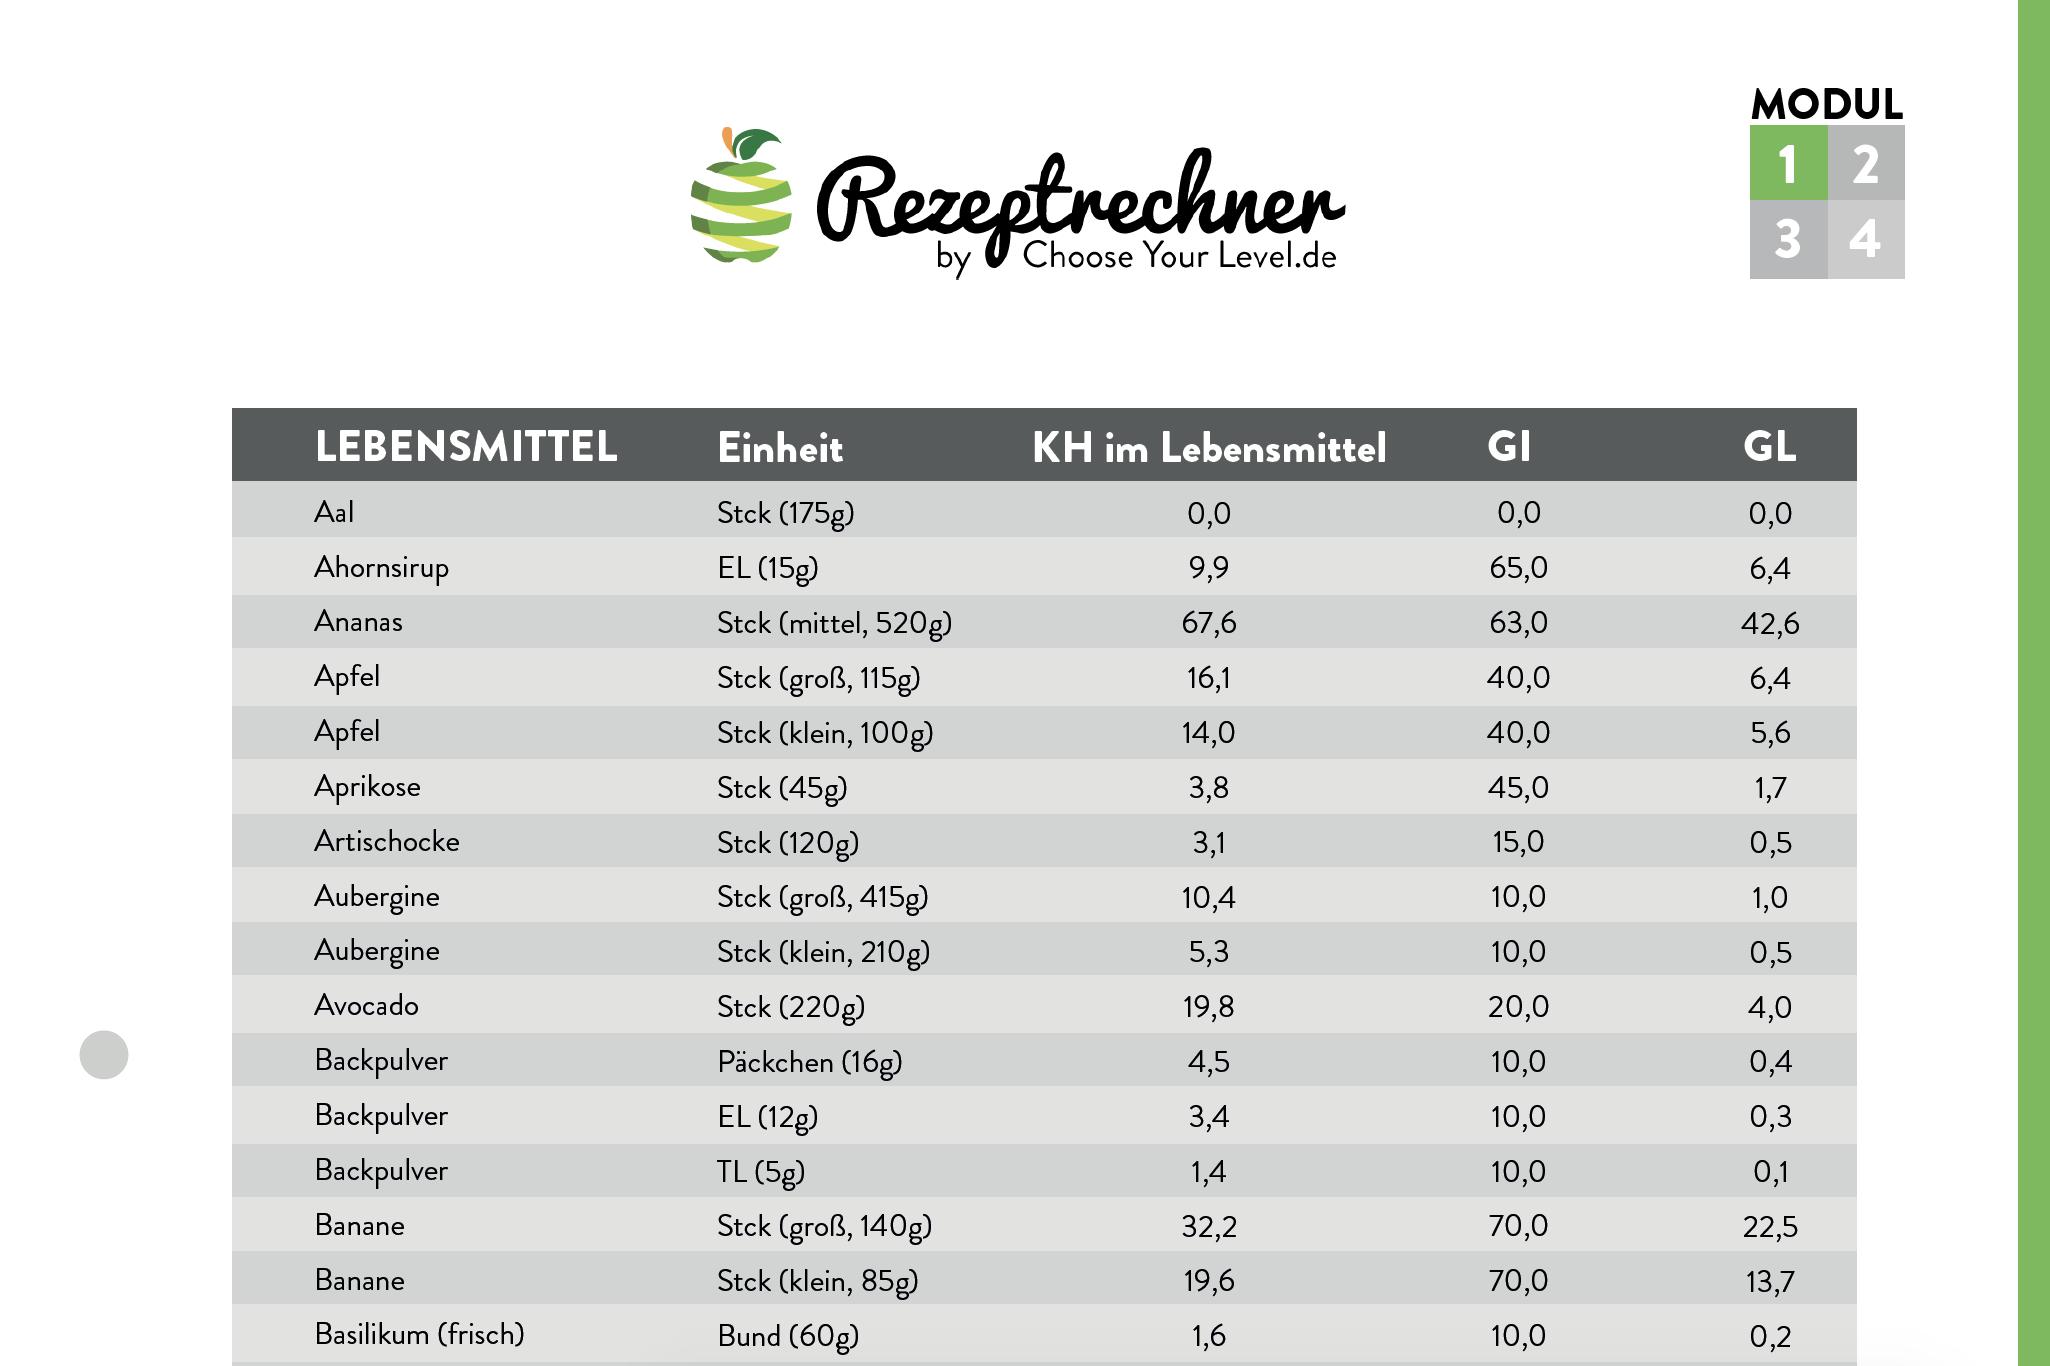 Tabelle Glykämischer Index & Glykämische Last